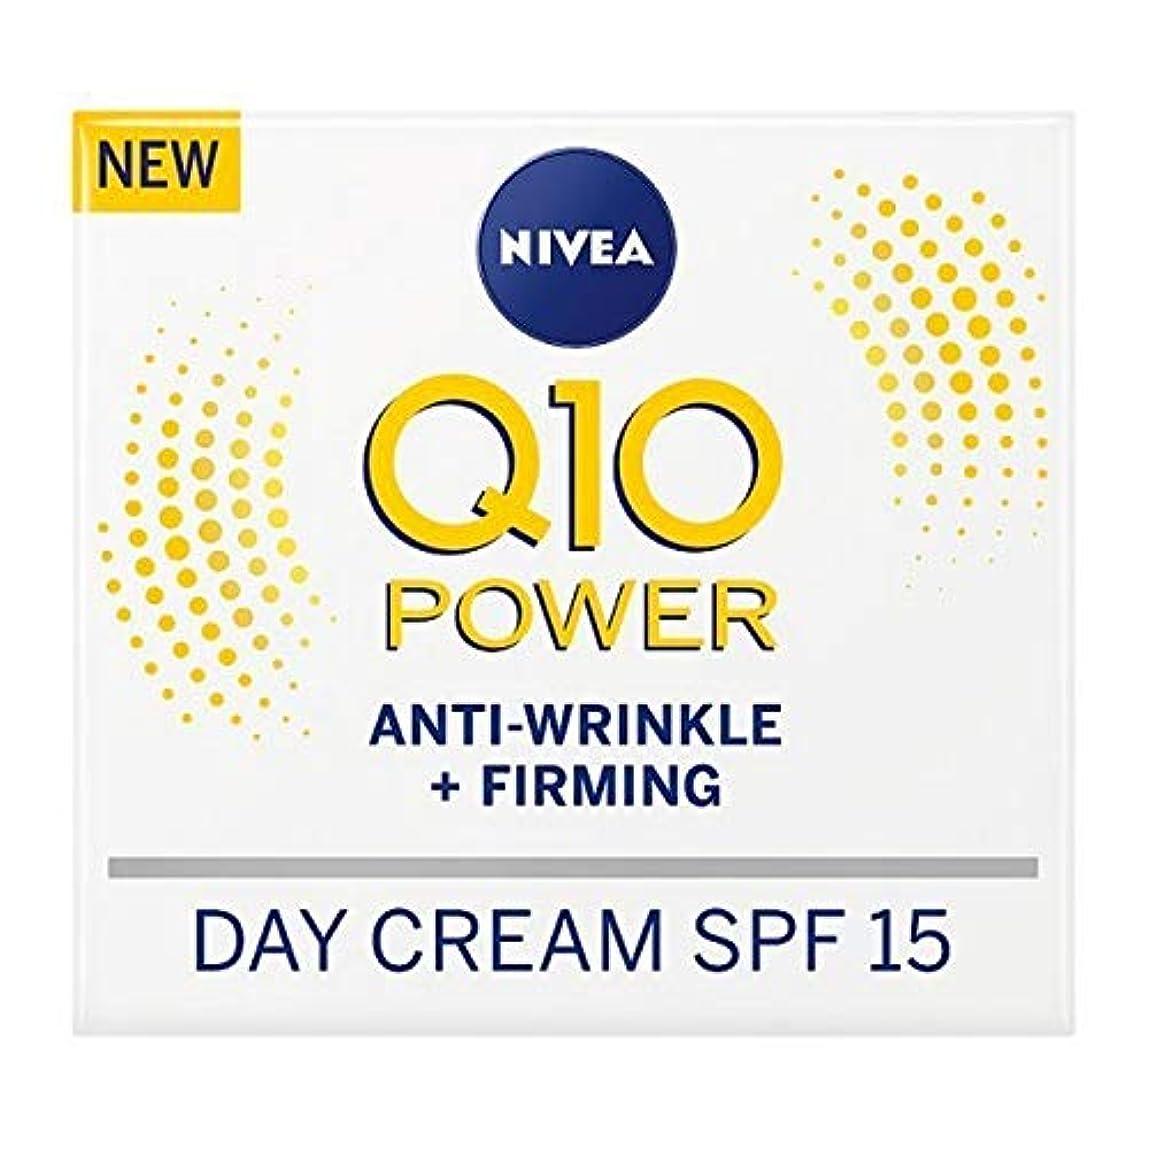 スリンク友だちなめらか[Nivea ] ニベアQ10パワー抗しわ引き締めフェイスクリーム50Ml - NIVEA Q10 Power Anti-Wrinkle Firming Face Cream 50ml [並行輸入品]